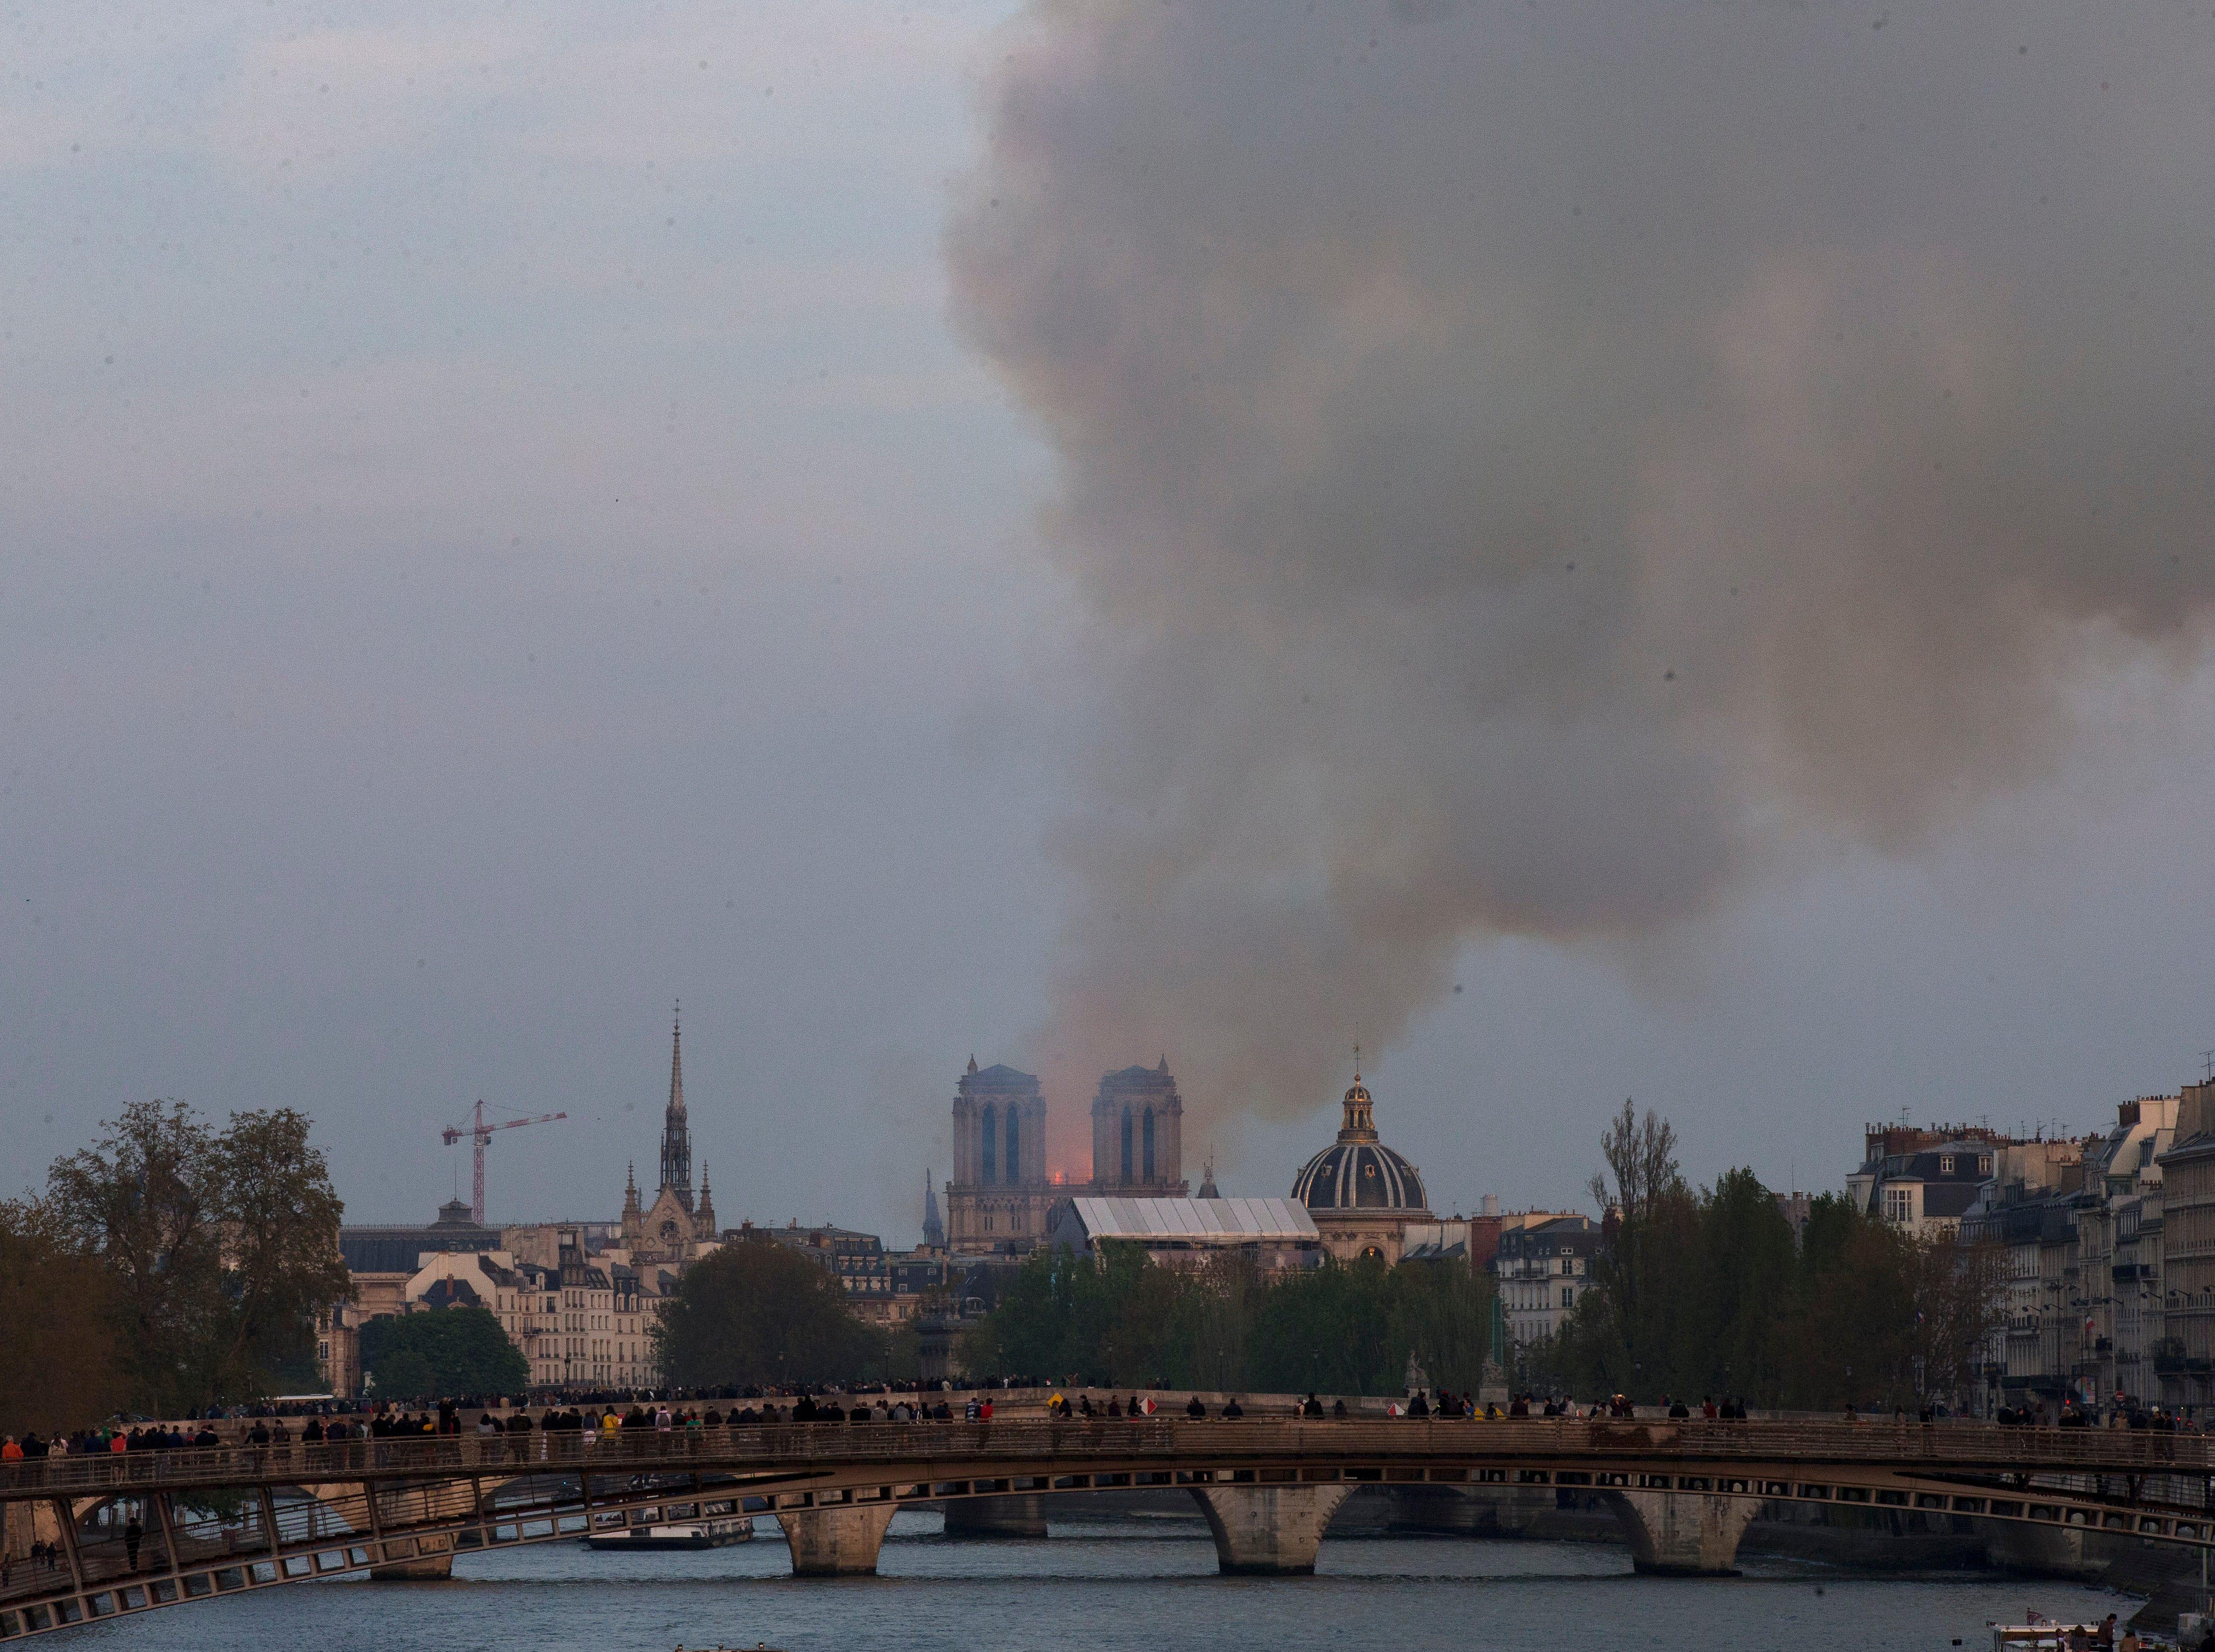 La catedral de Notre Dame se está quemando en París, el lunes 15 de abril de 2019. Grandes columnas de humo marrón amarillento llenan el aire sobre la catedral de Notre Dame y la ceniza cae sobre los turistas y otras personas alrededor de la isla que marca el centro de París.